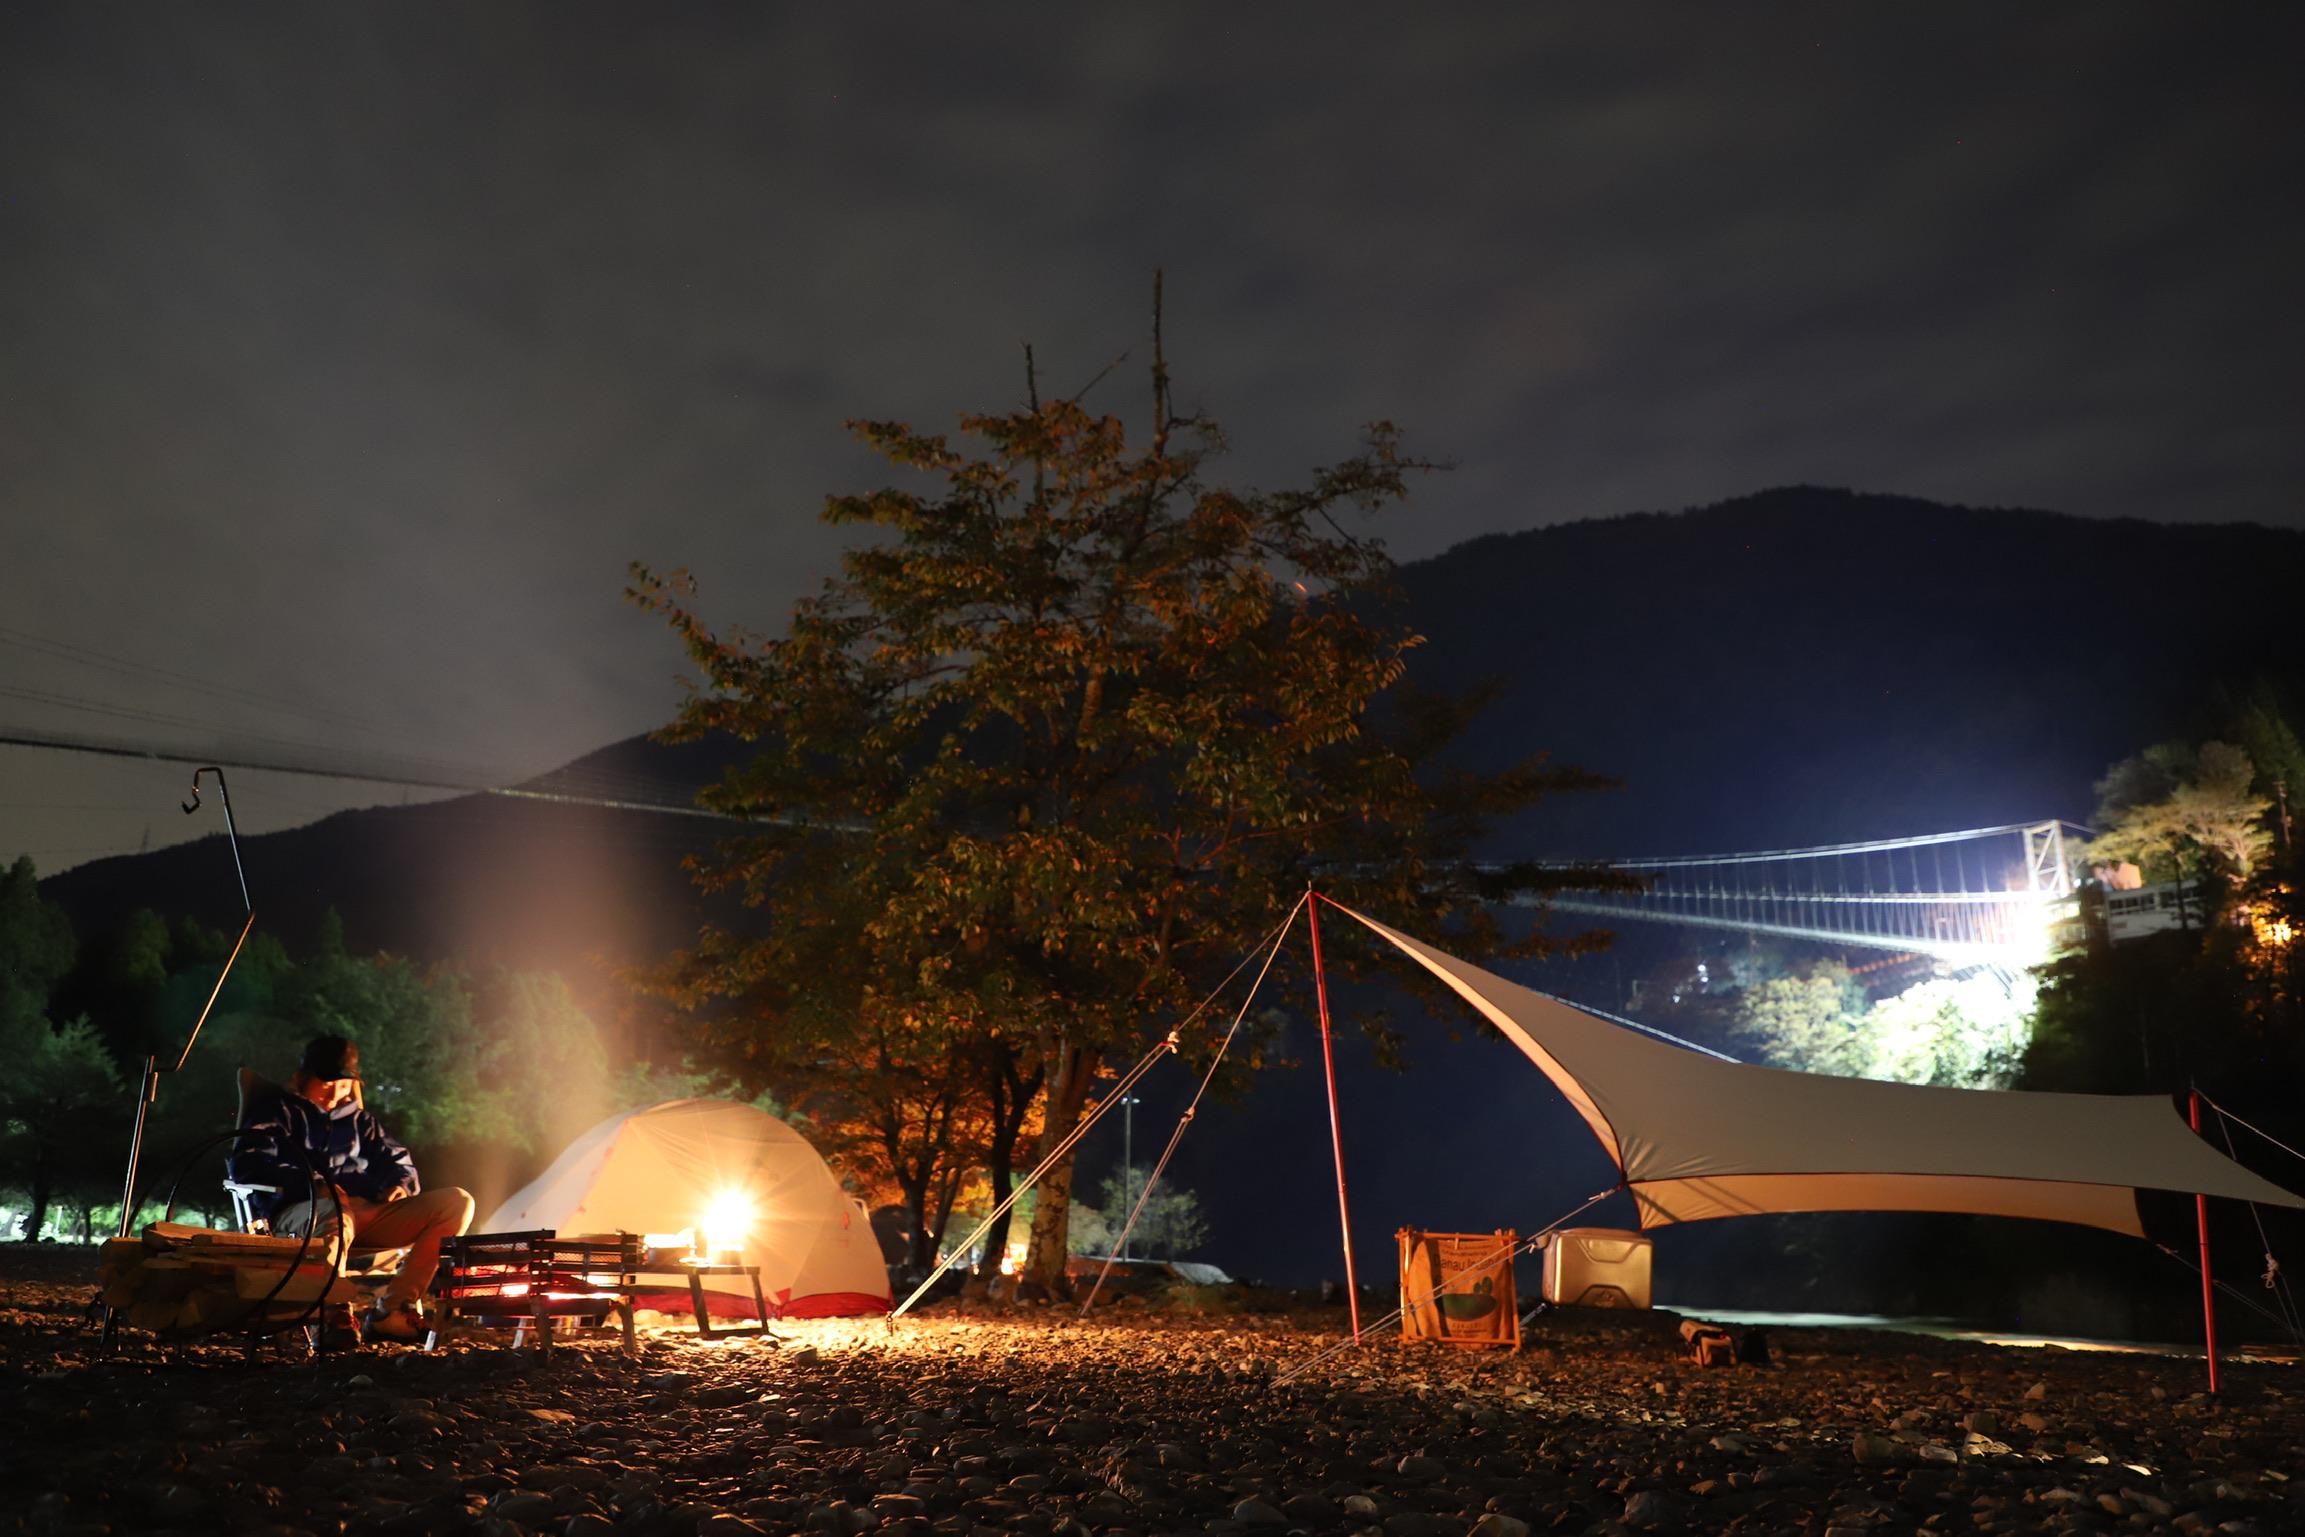 日本一長い吊り橋の下でCamp!つり橋の里キャンプ場